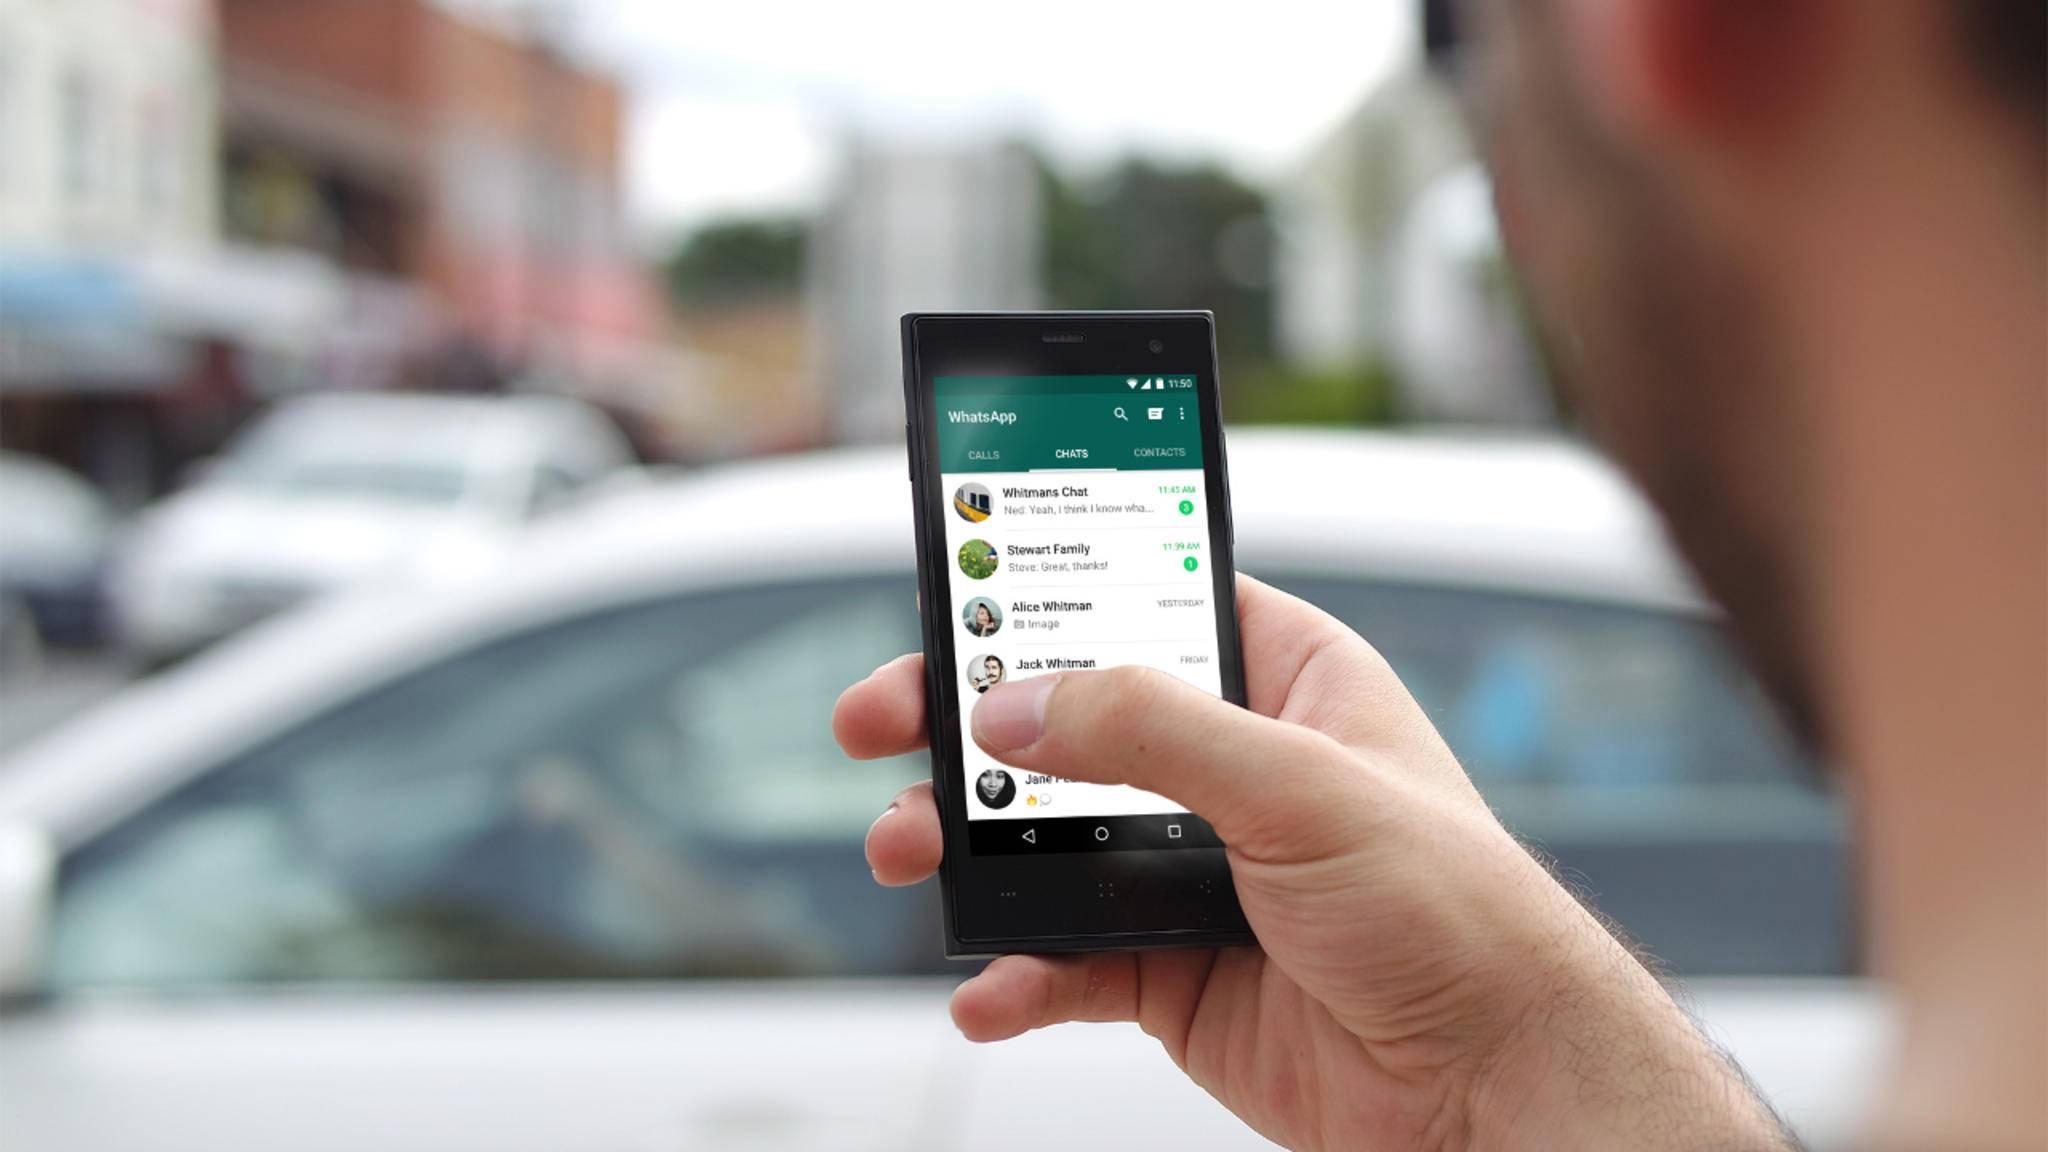 WhatsApp-Kontakte werden sich in Zukunft einfacher teilen lassen.